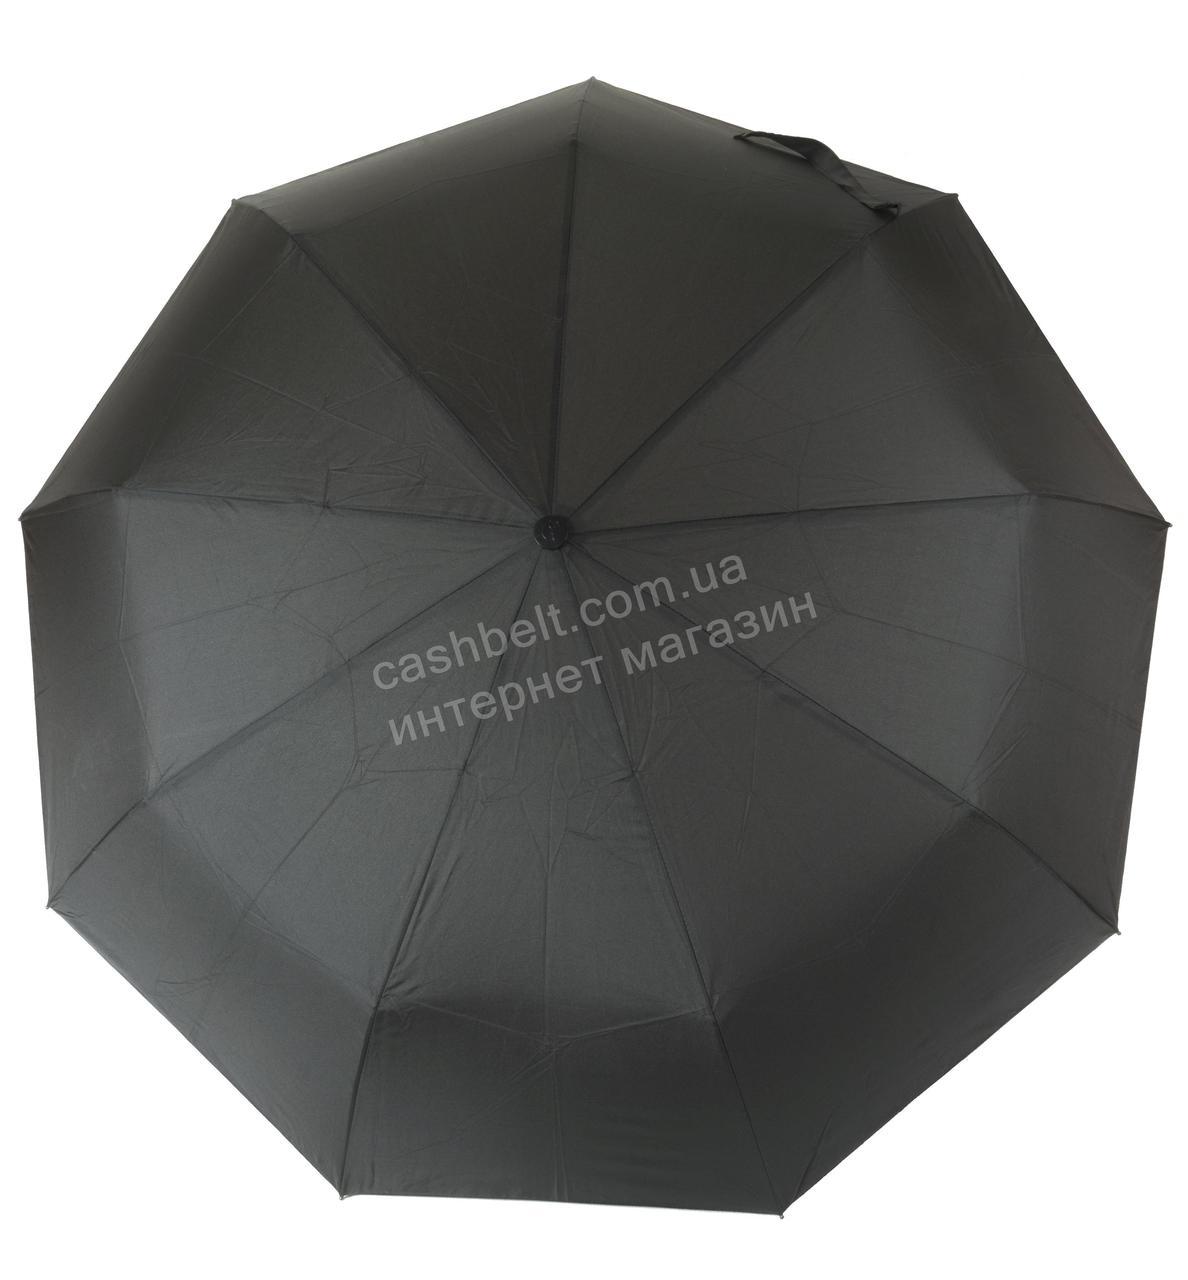 Мужской прочный зонт автомат классический черный цвет art. 336 черный (100184)